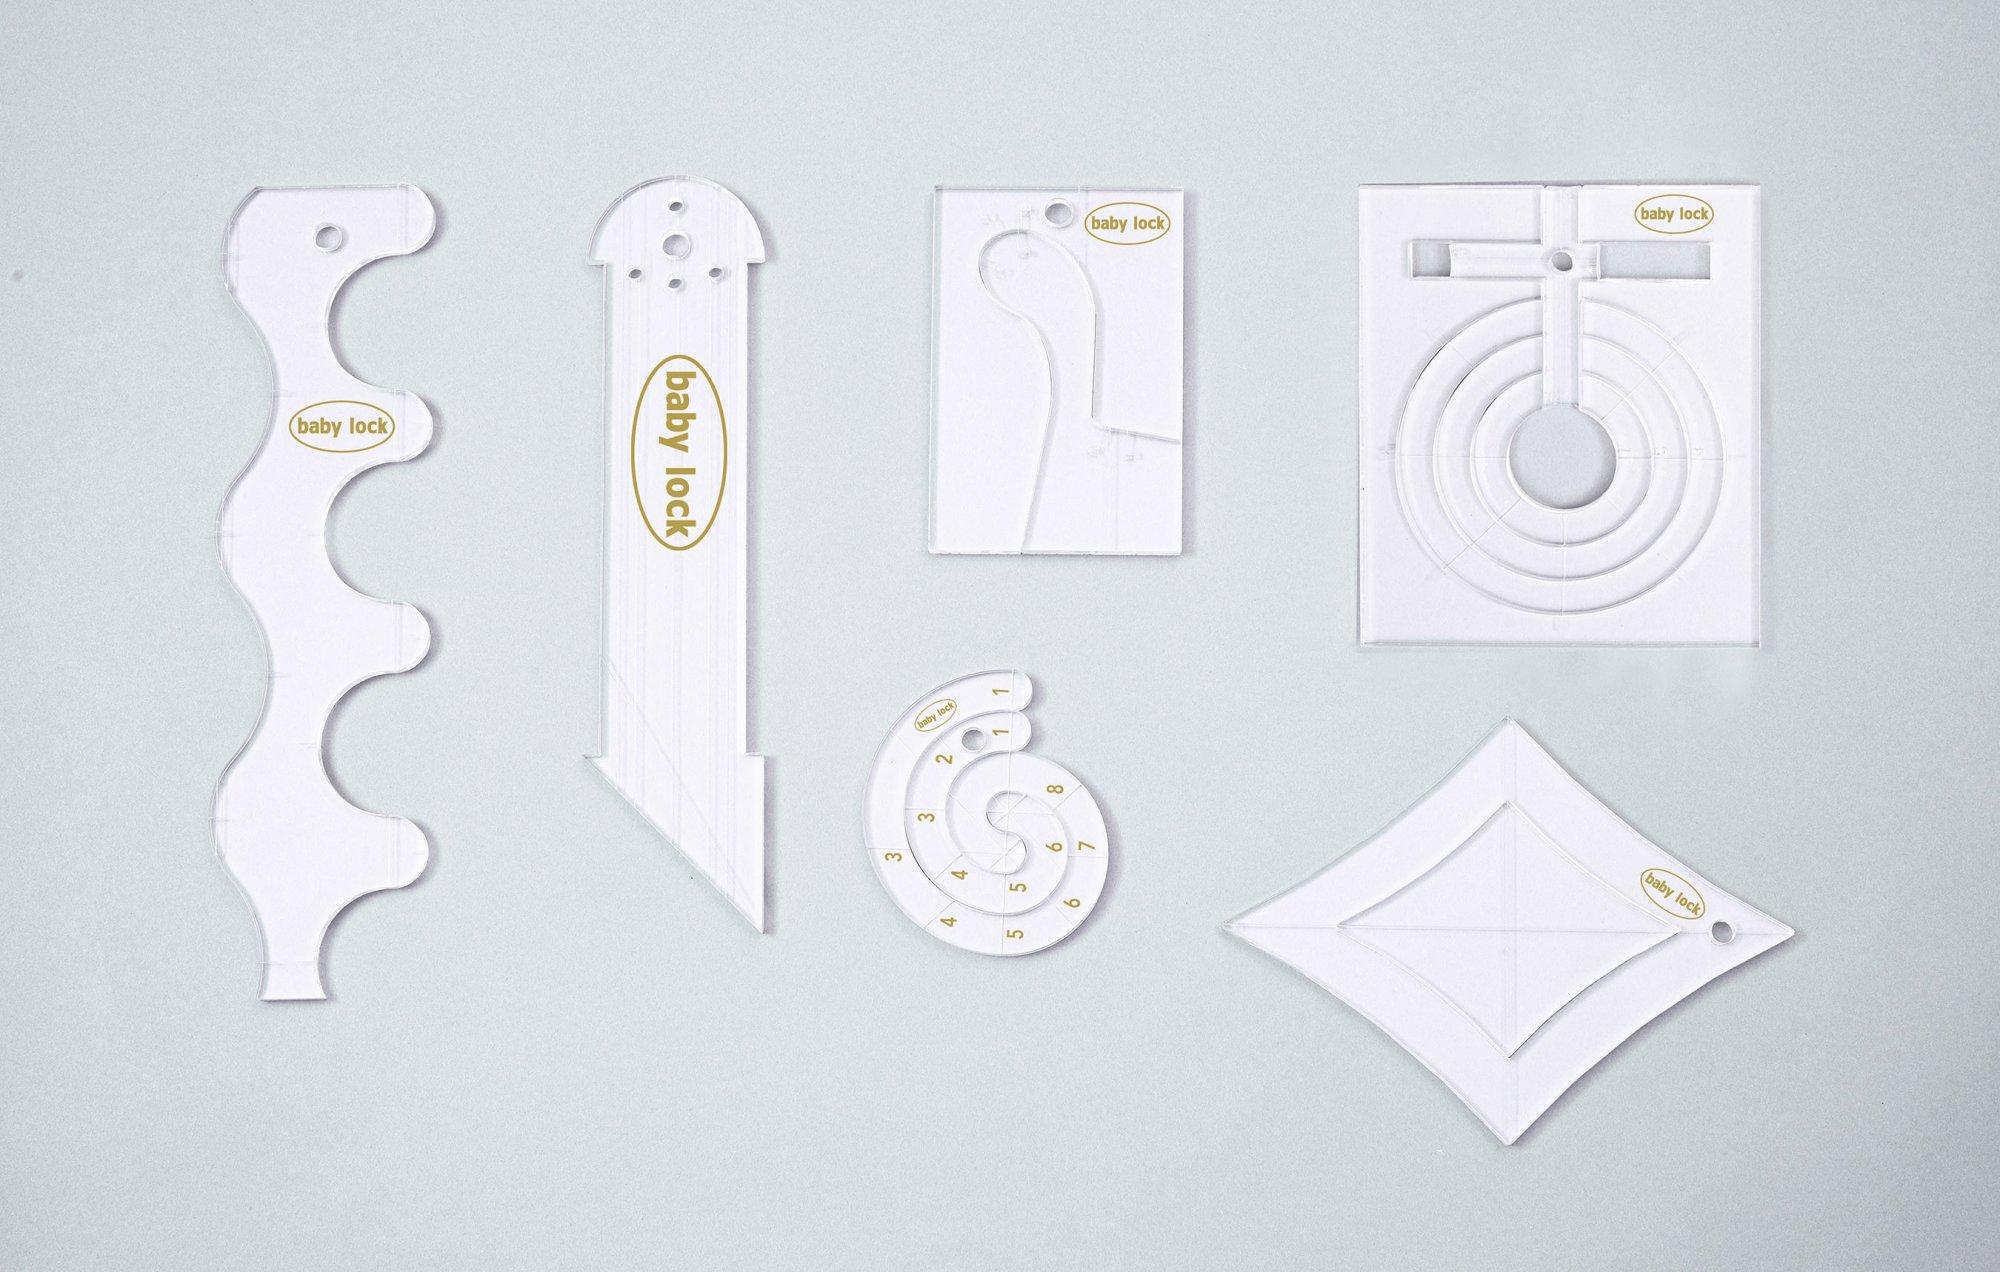 Baby Lock Ruler Kit for Hight Shank Regalia